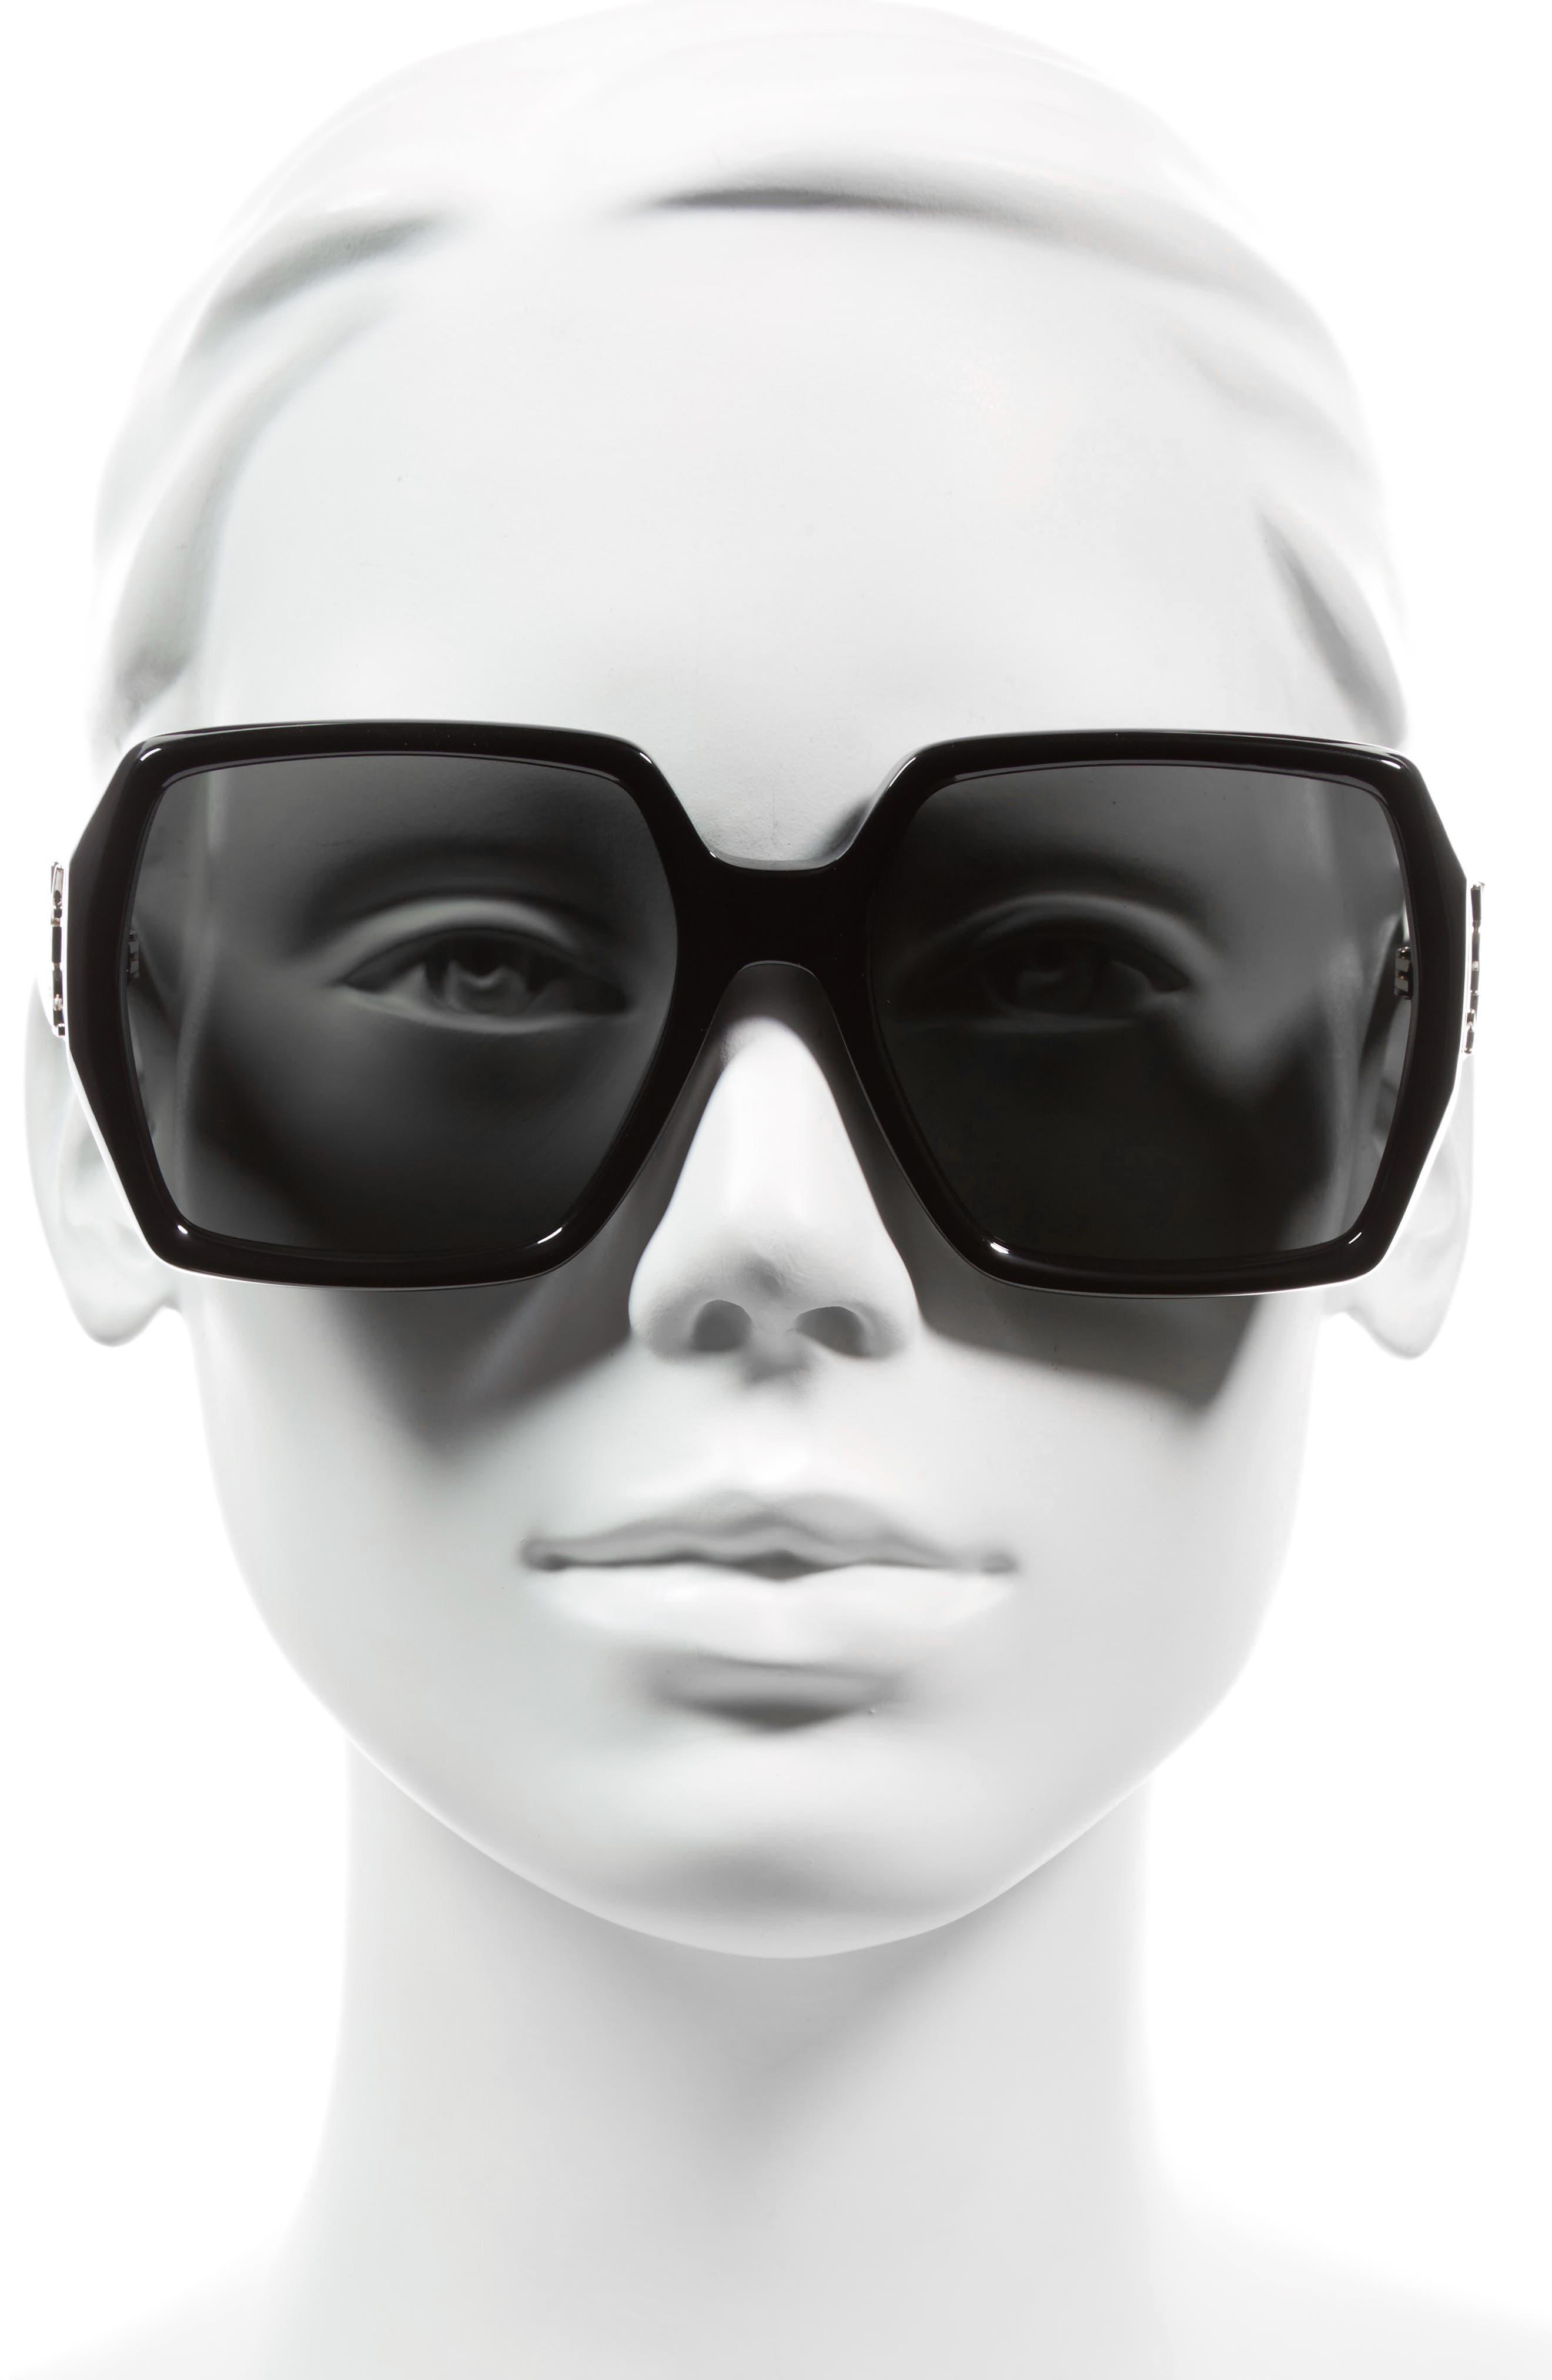 SAINT LAURENT,                             58mm Square Sunglasses,                             Alternate thumbnail 2, color,                             001